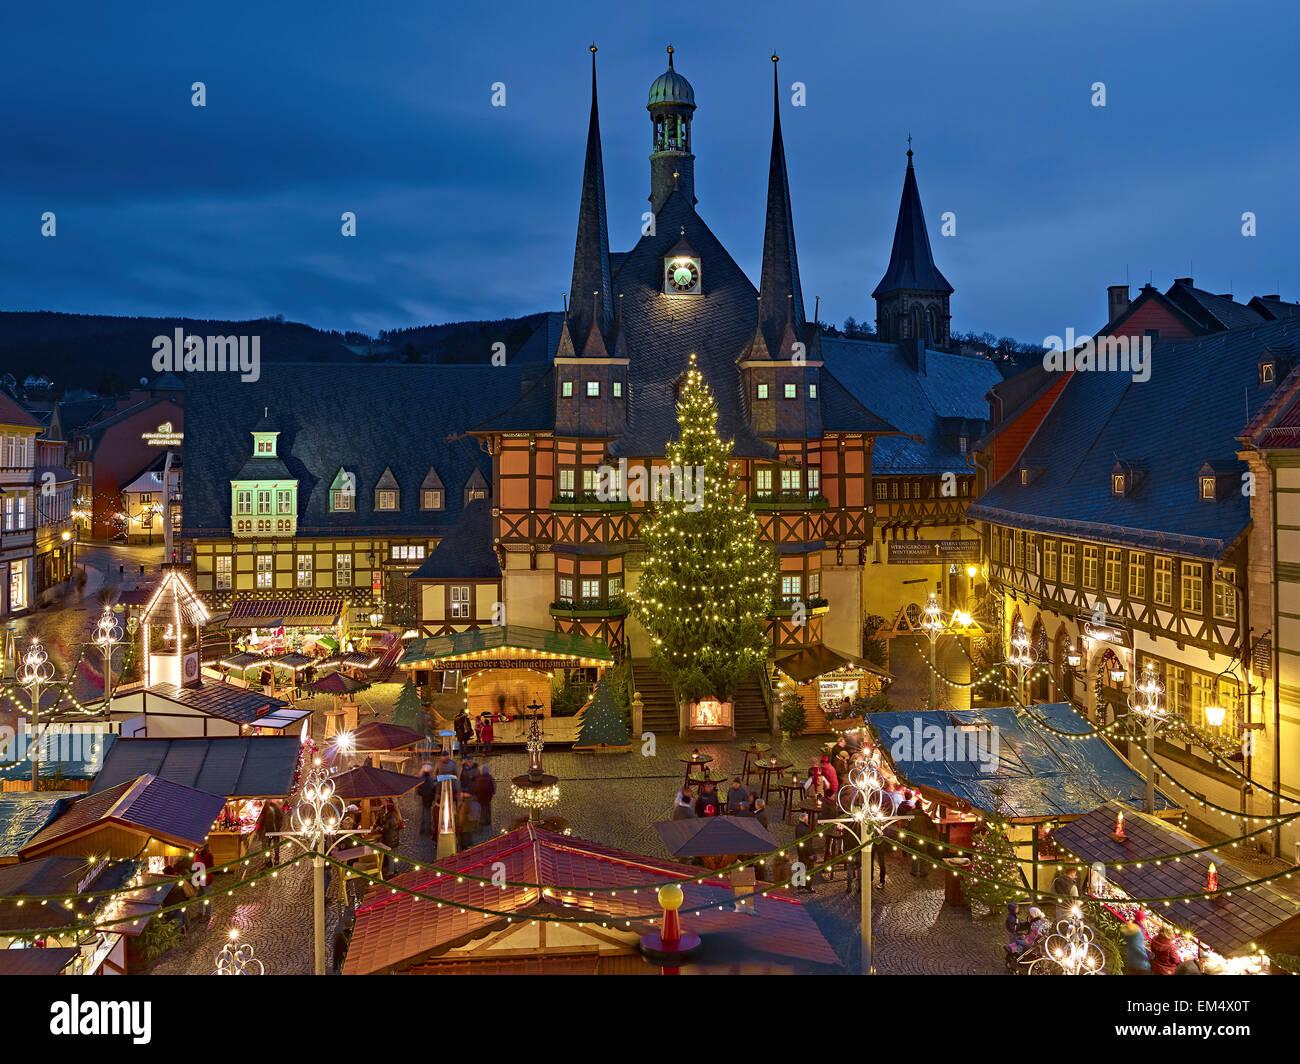 Wernigerode Weihnachtsmarkt.Rathaus Mit Weihnachtsmarkt In Wernigerode Deutschland Stockfoto